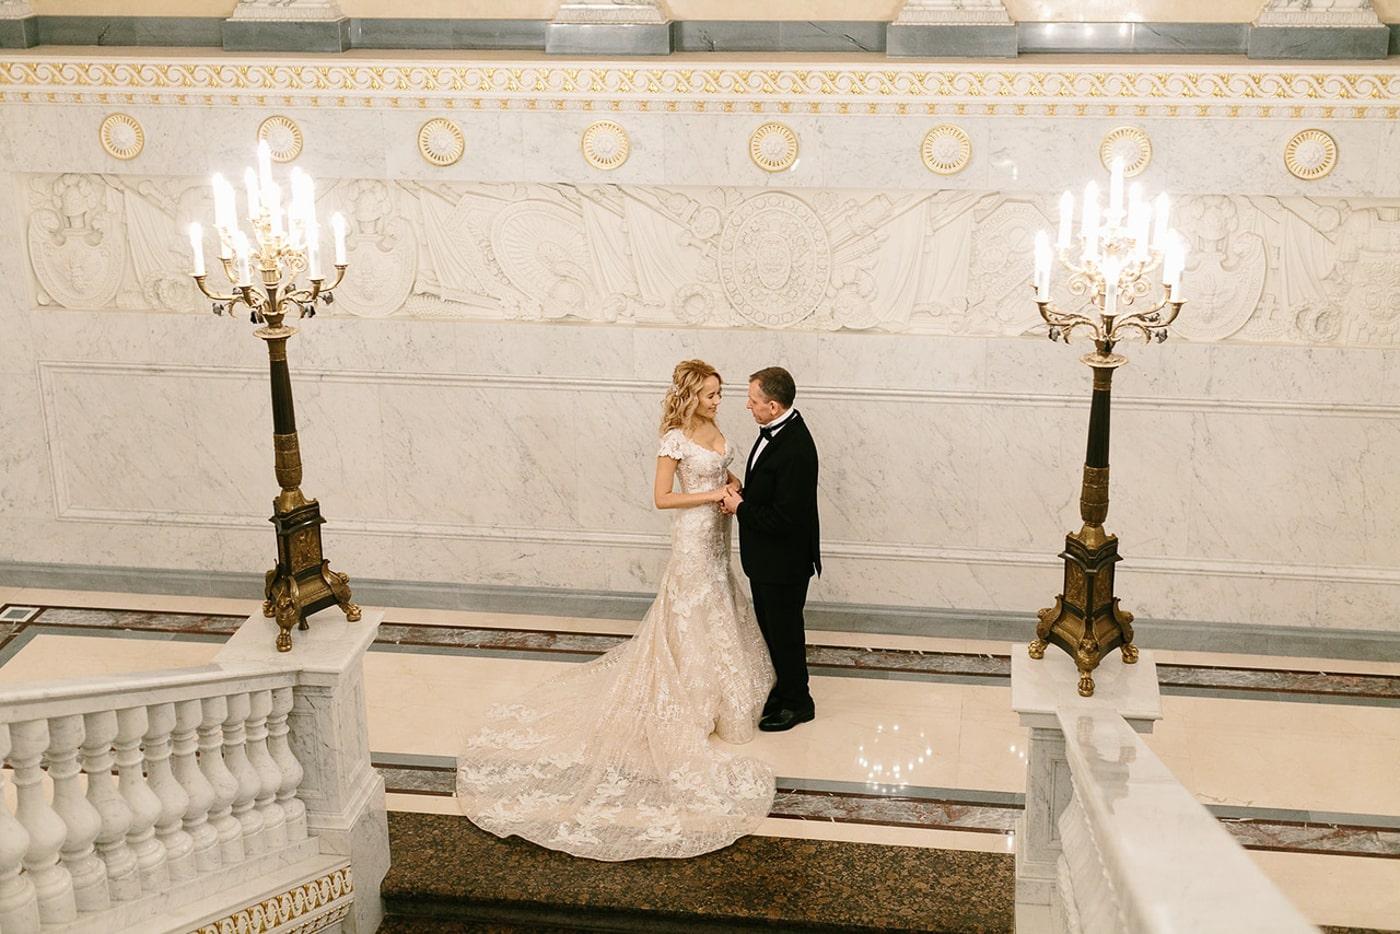 kak-organizovat-svadbu-11-22-min